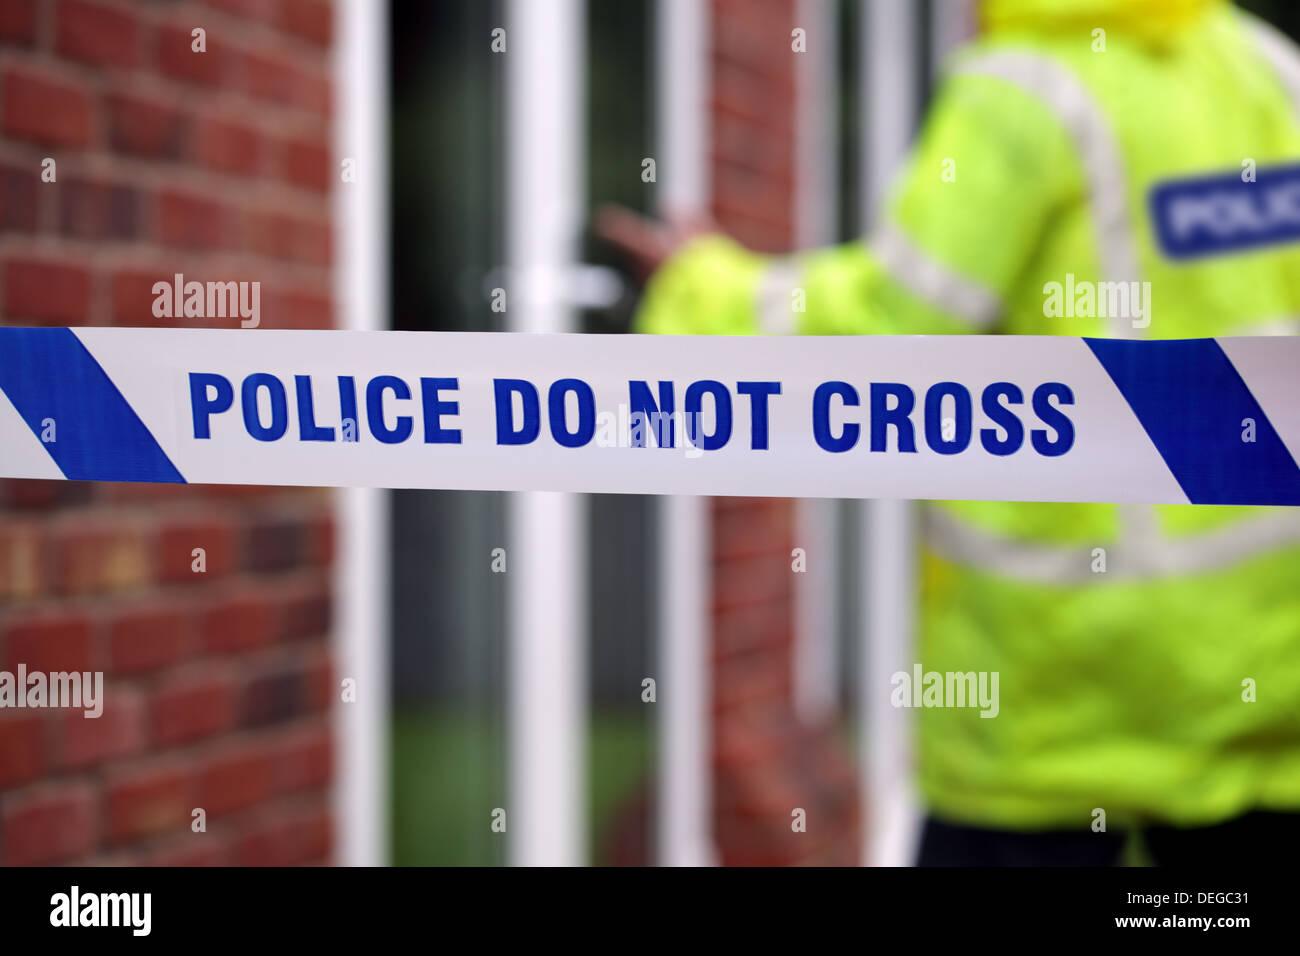 Police crime scene - Stock Image